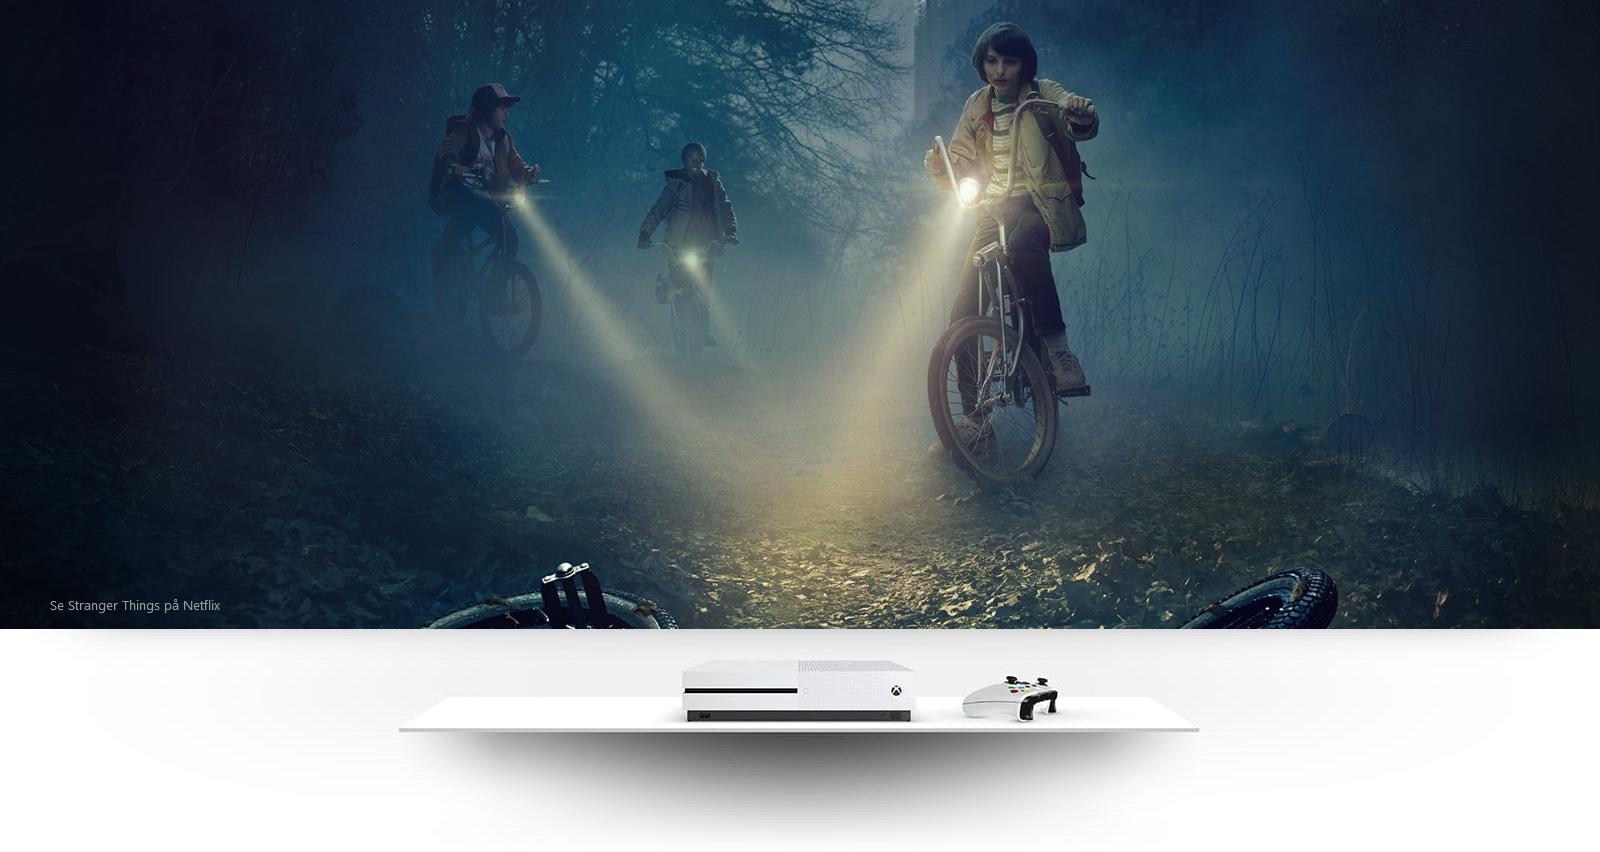 Xbox One S med et bilde av Stranger Things-barn på sykkel